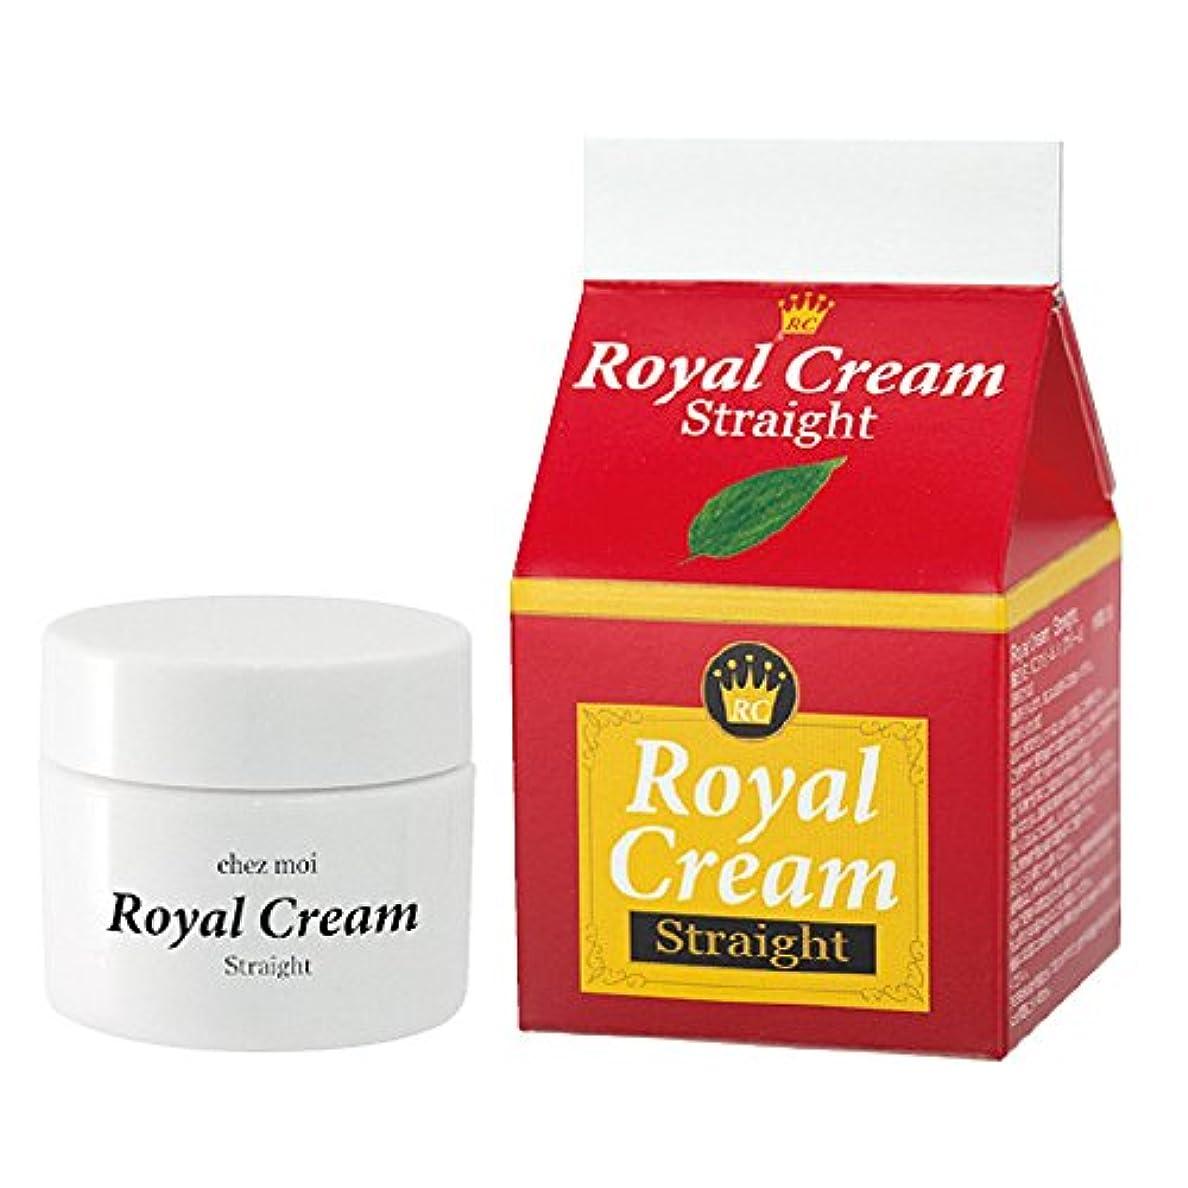 日マーク理容室シェモア Royal Cream Straight(ロイヤルクリームストレート) 30g